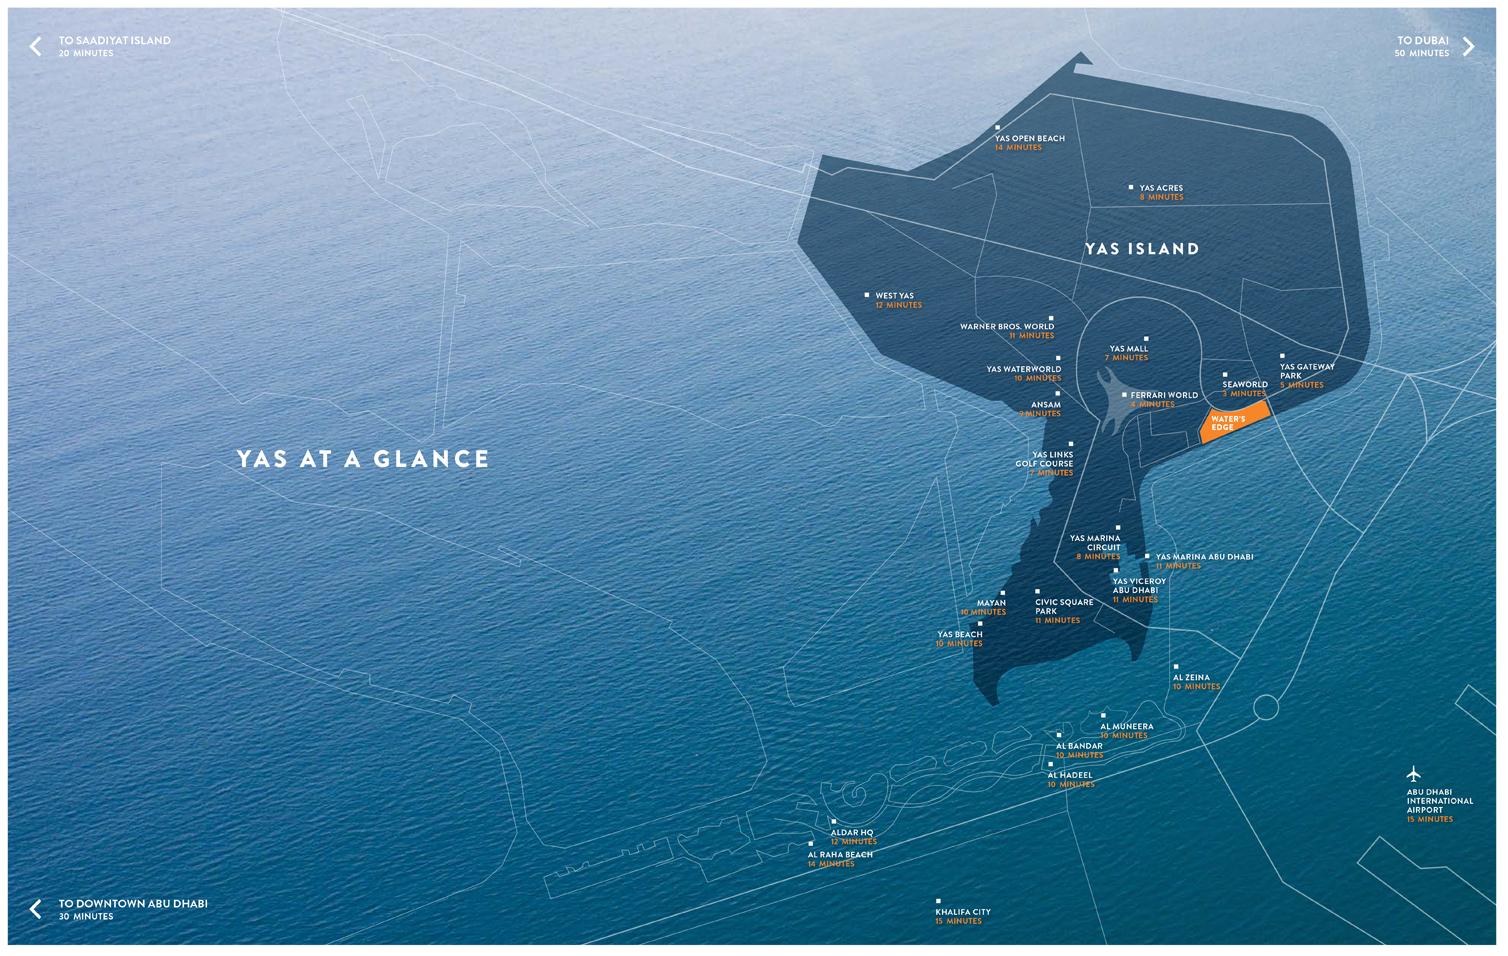 وترز-أج-المبنى-2 خريطة الموقع